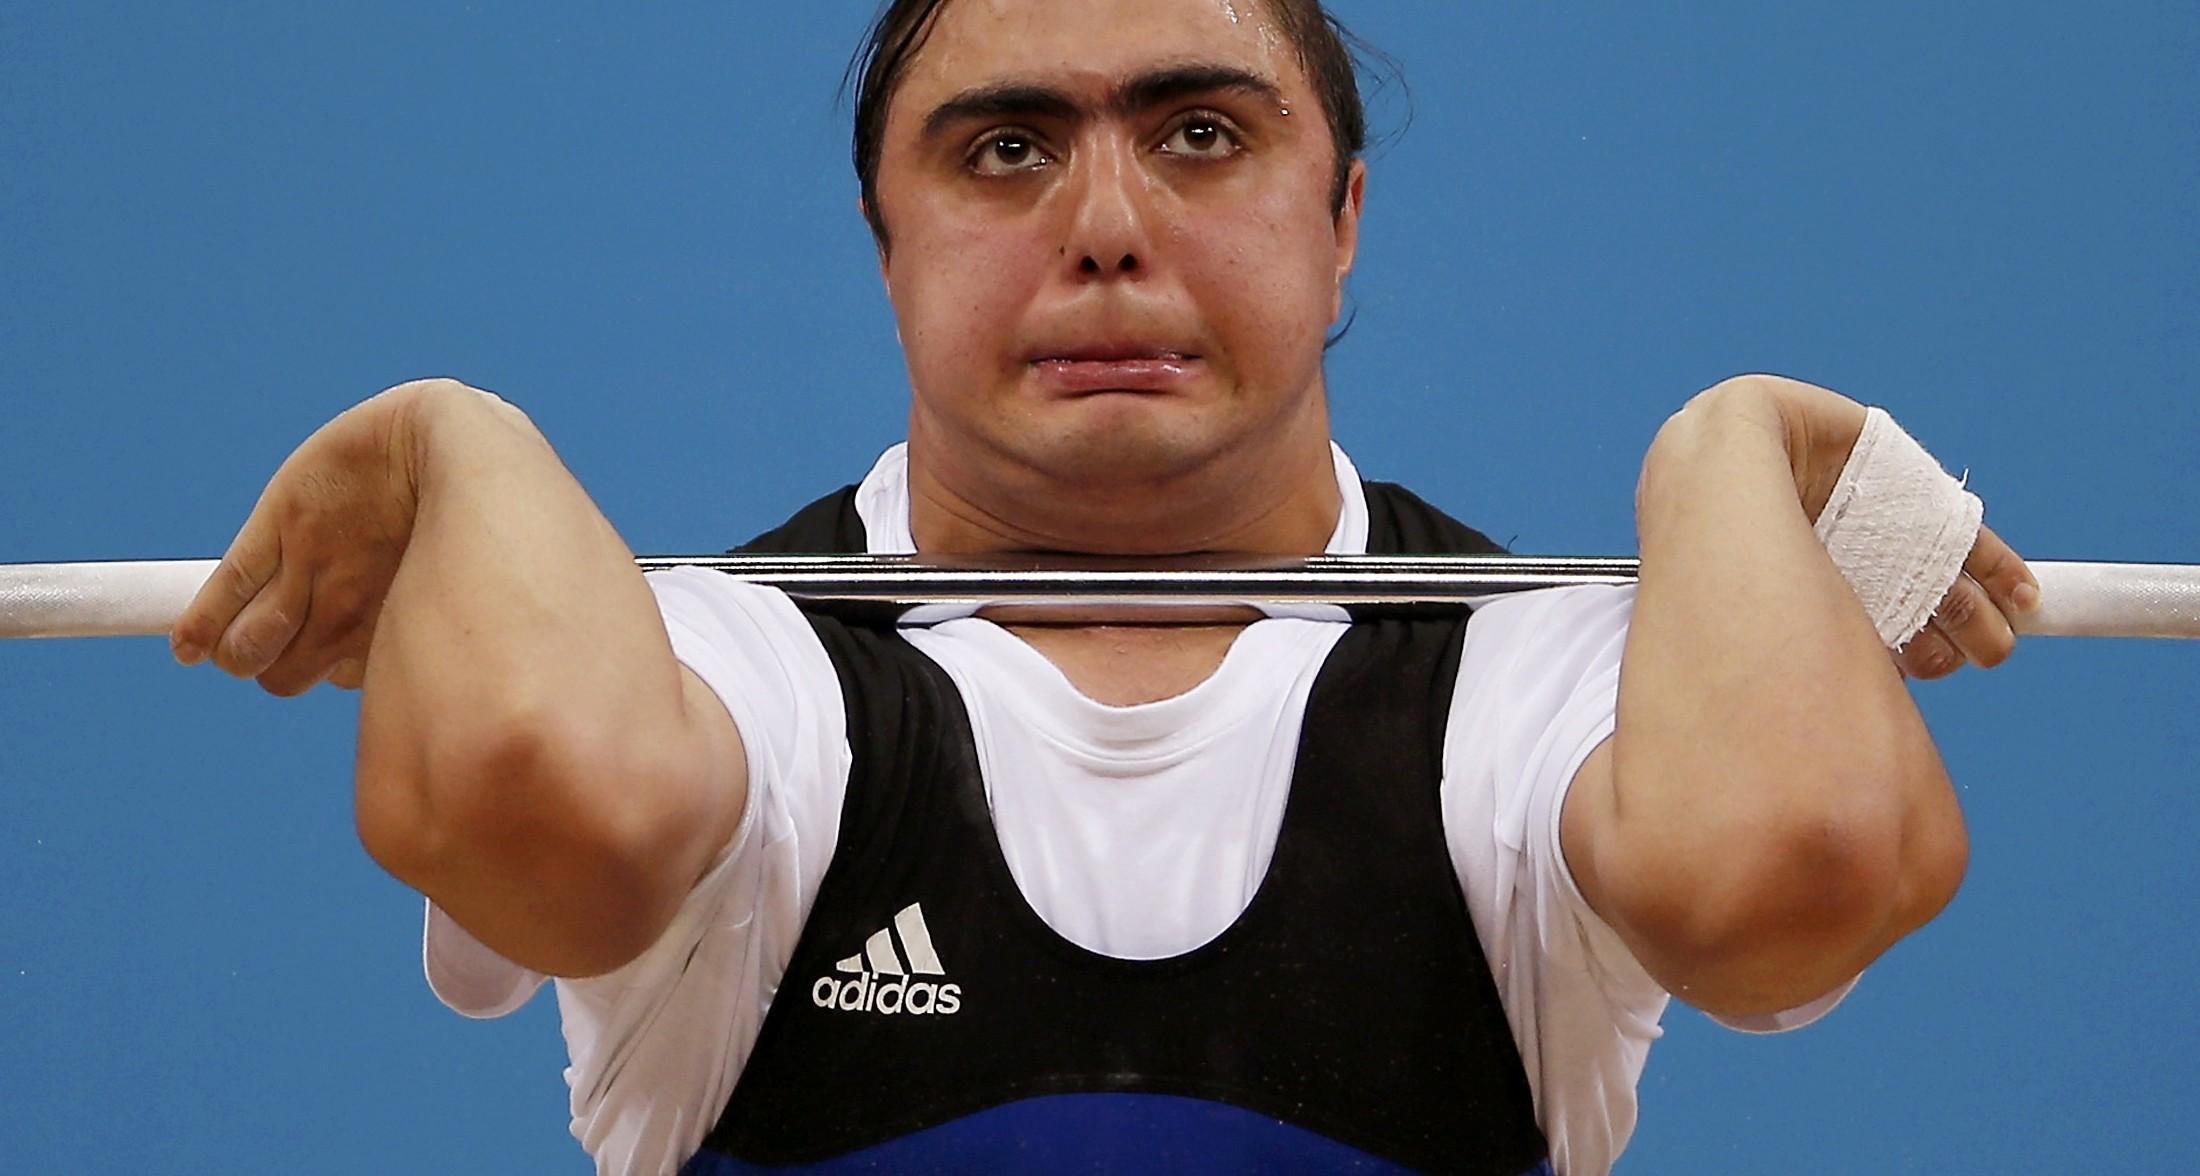 Надписью, смешные картинки про спортсменов